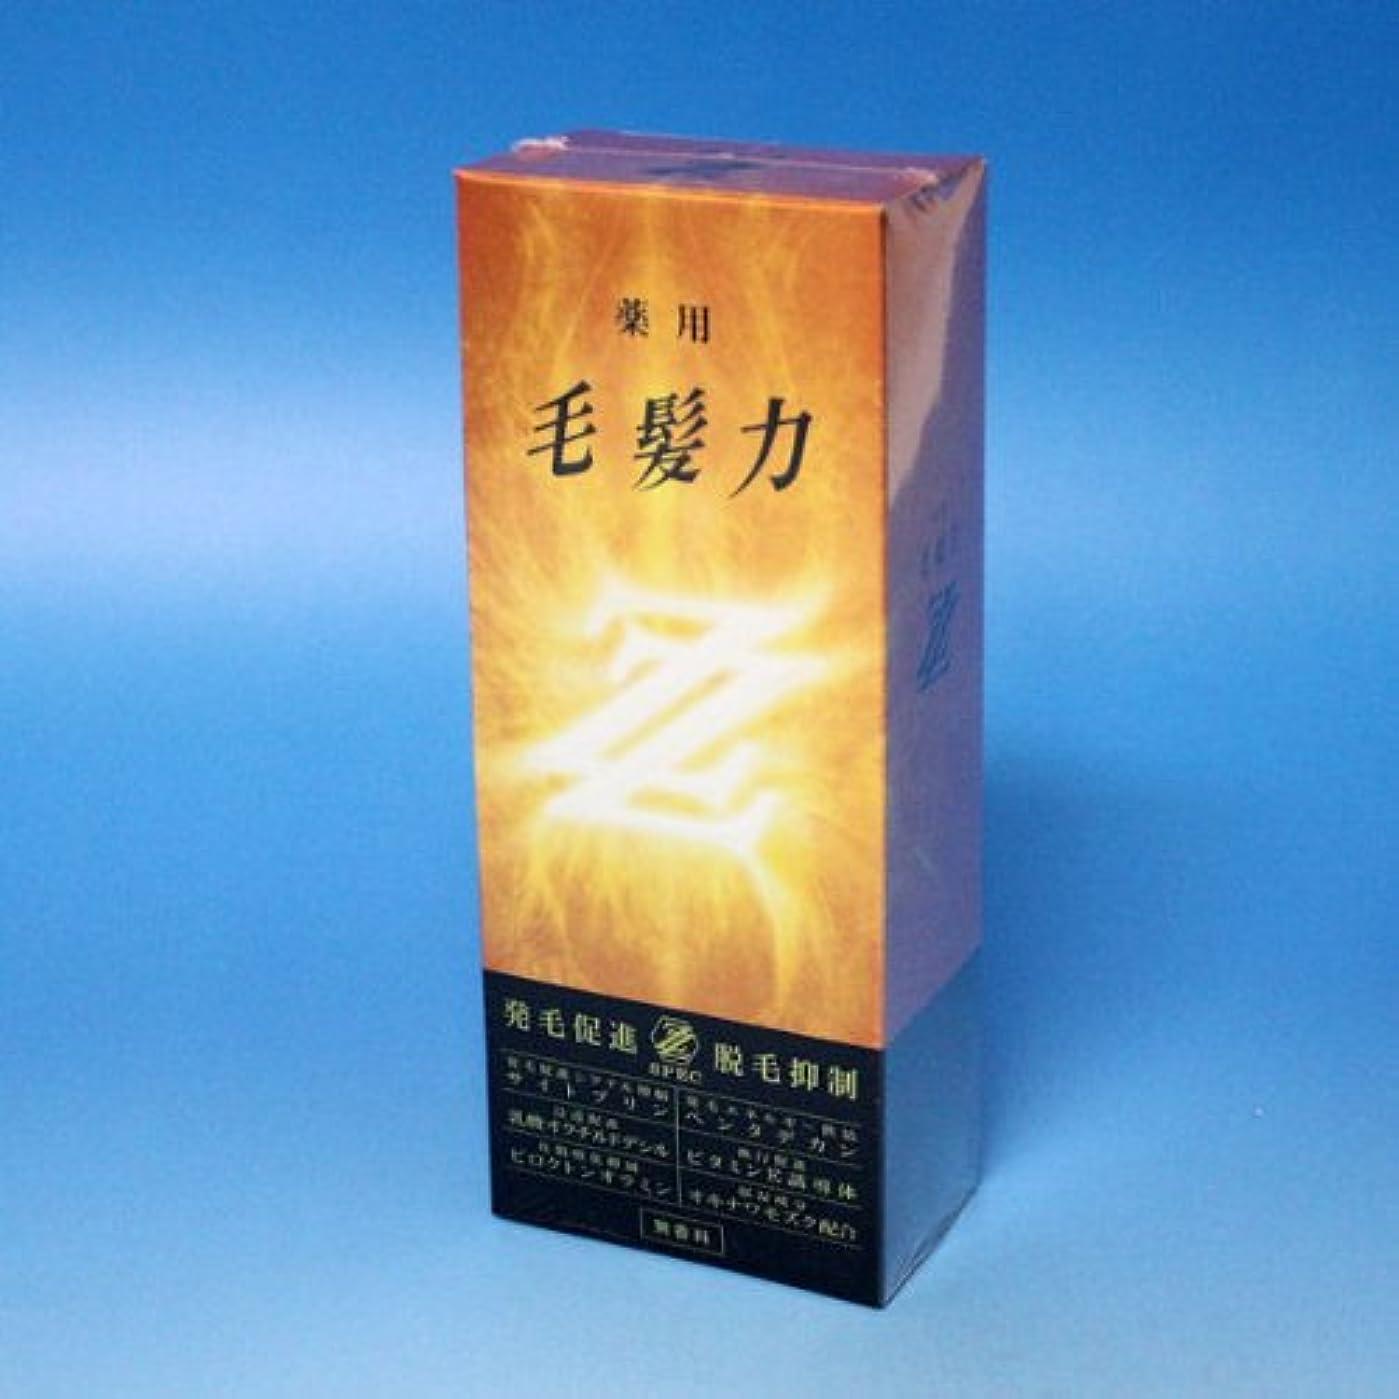 センサー天気ブランチ《ライオン》 薬用 毛髪力ZZ(ダブルジー) 200ml 【医薬部外品】